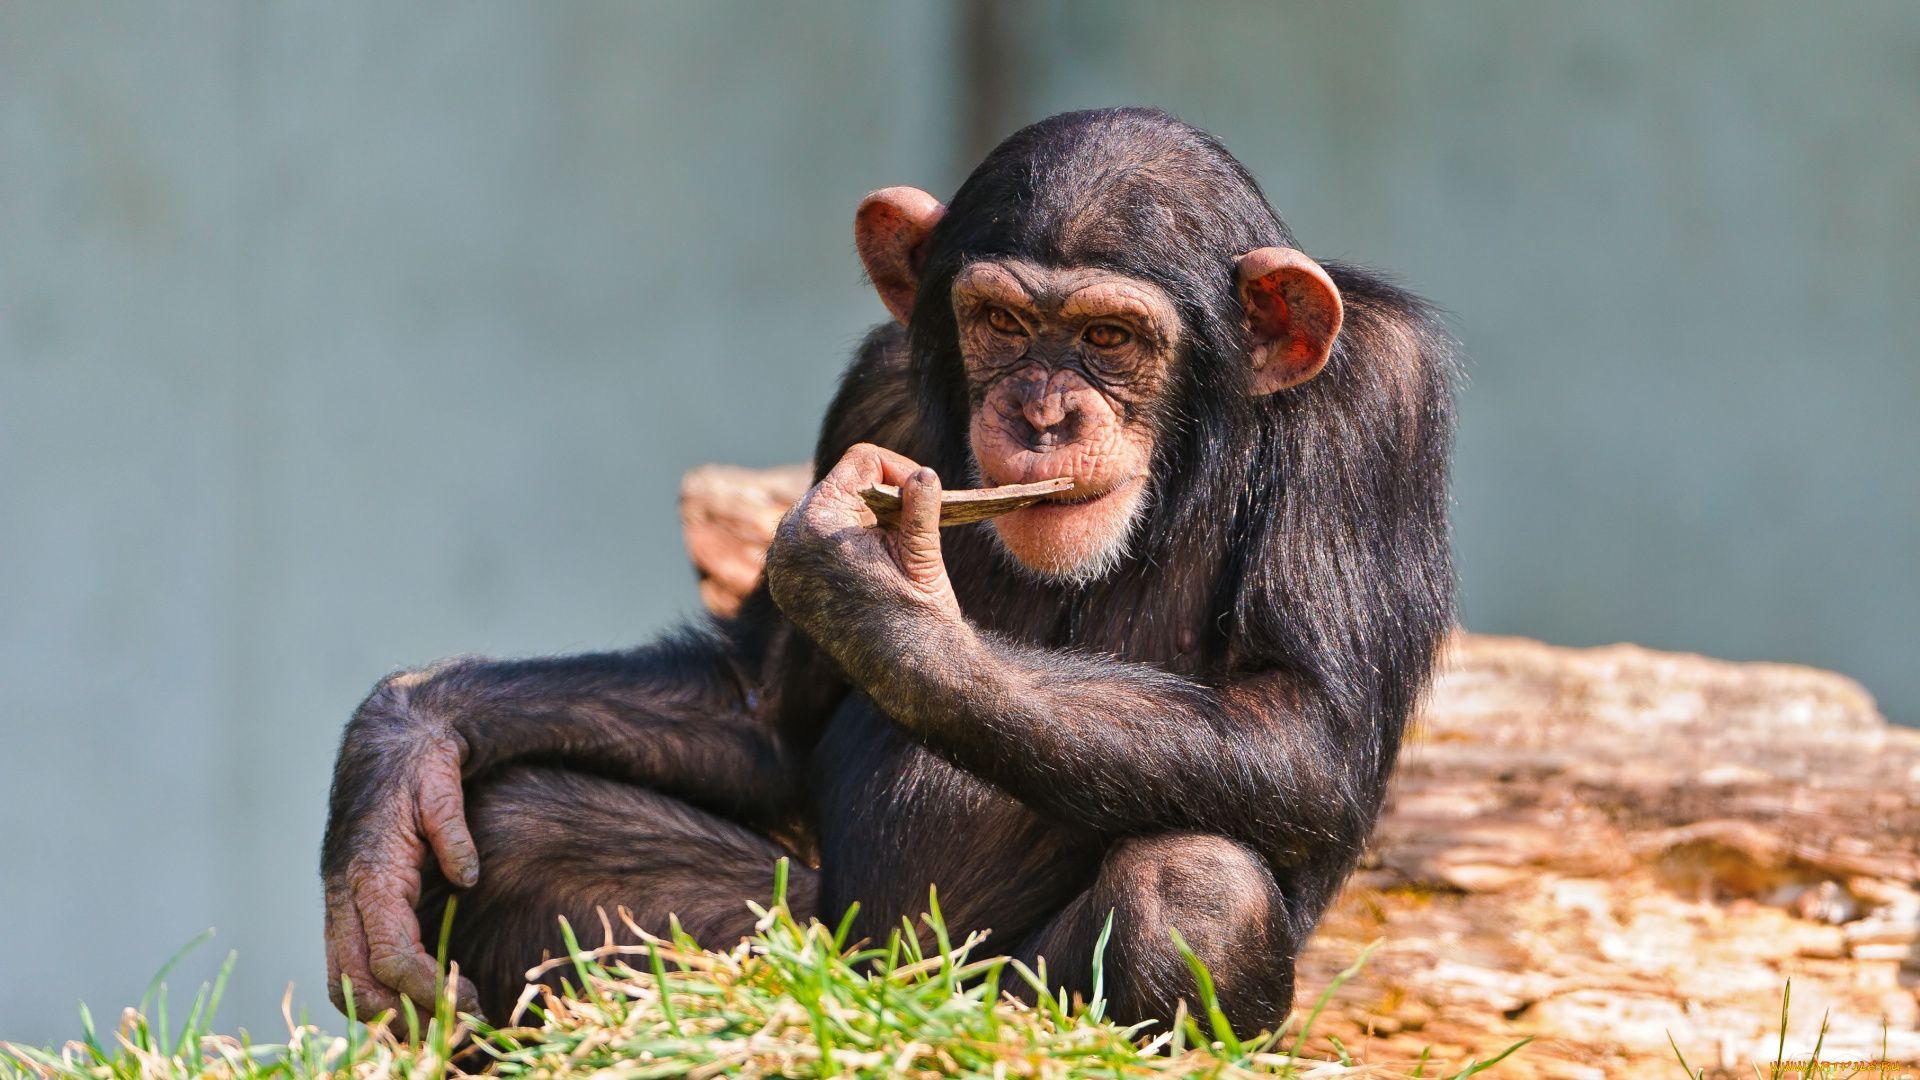 Chimp Photo